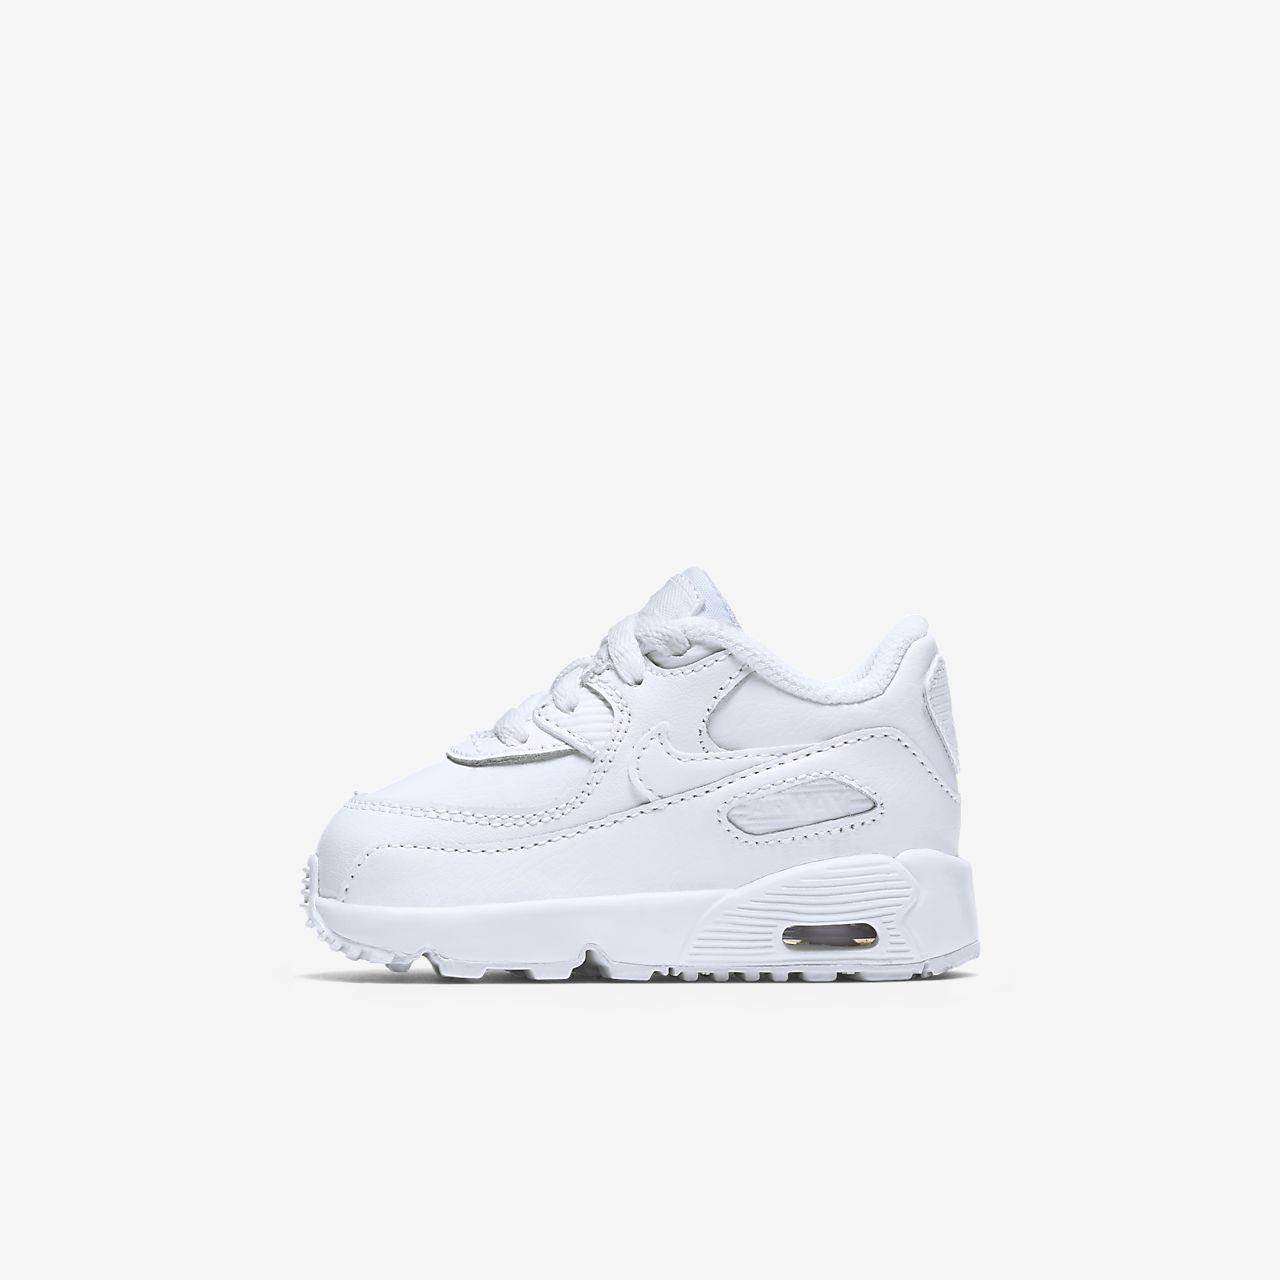 Chaussure Nike Air Max 90 Leather pour BébéPetit enfant